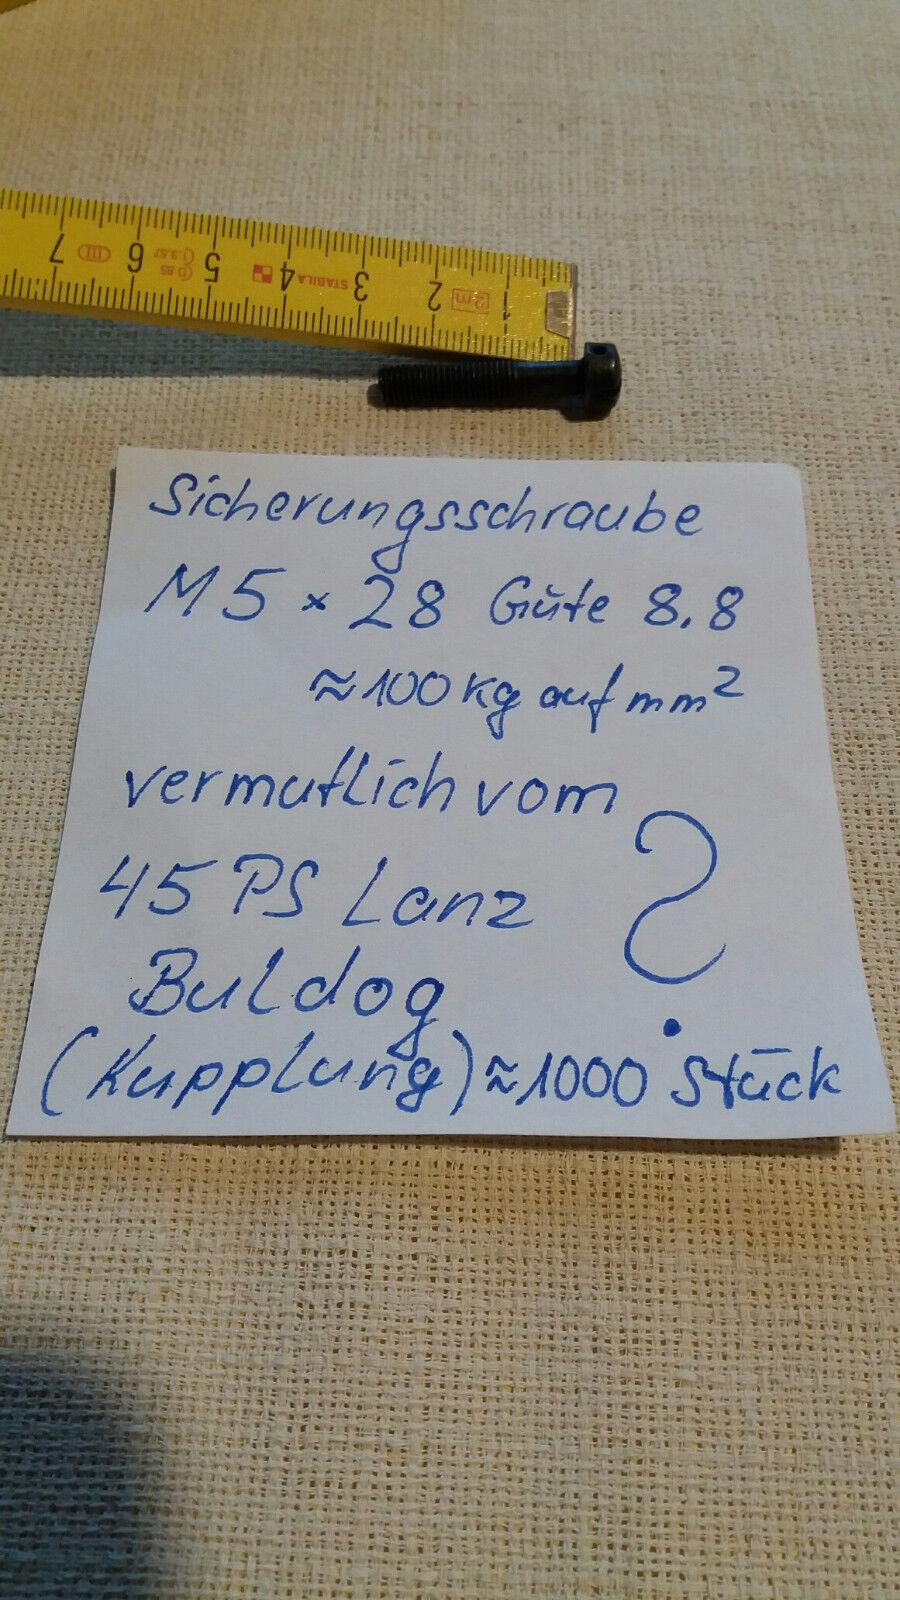 Sicherungsschraube M5x28 mm | | | Deutschland  a8ca46